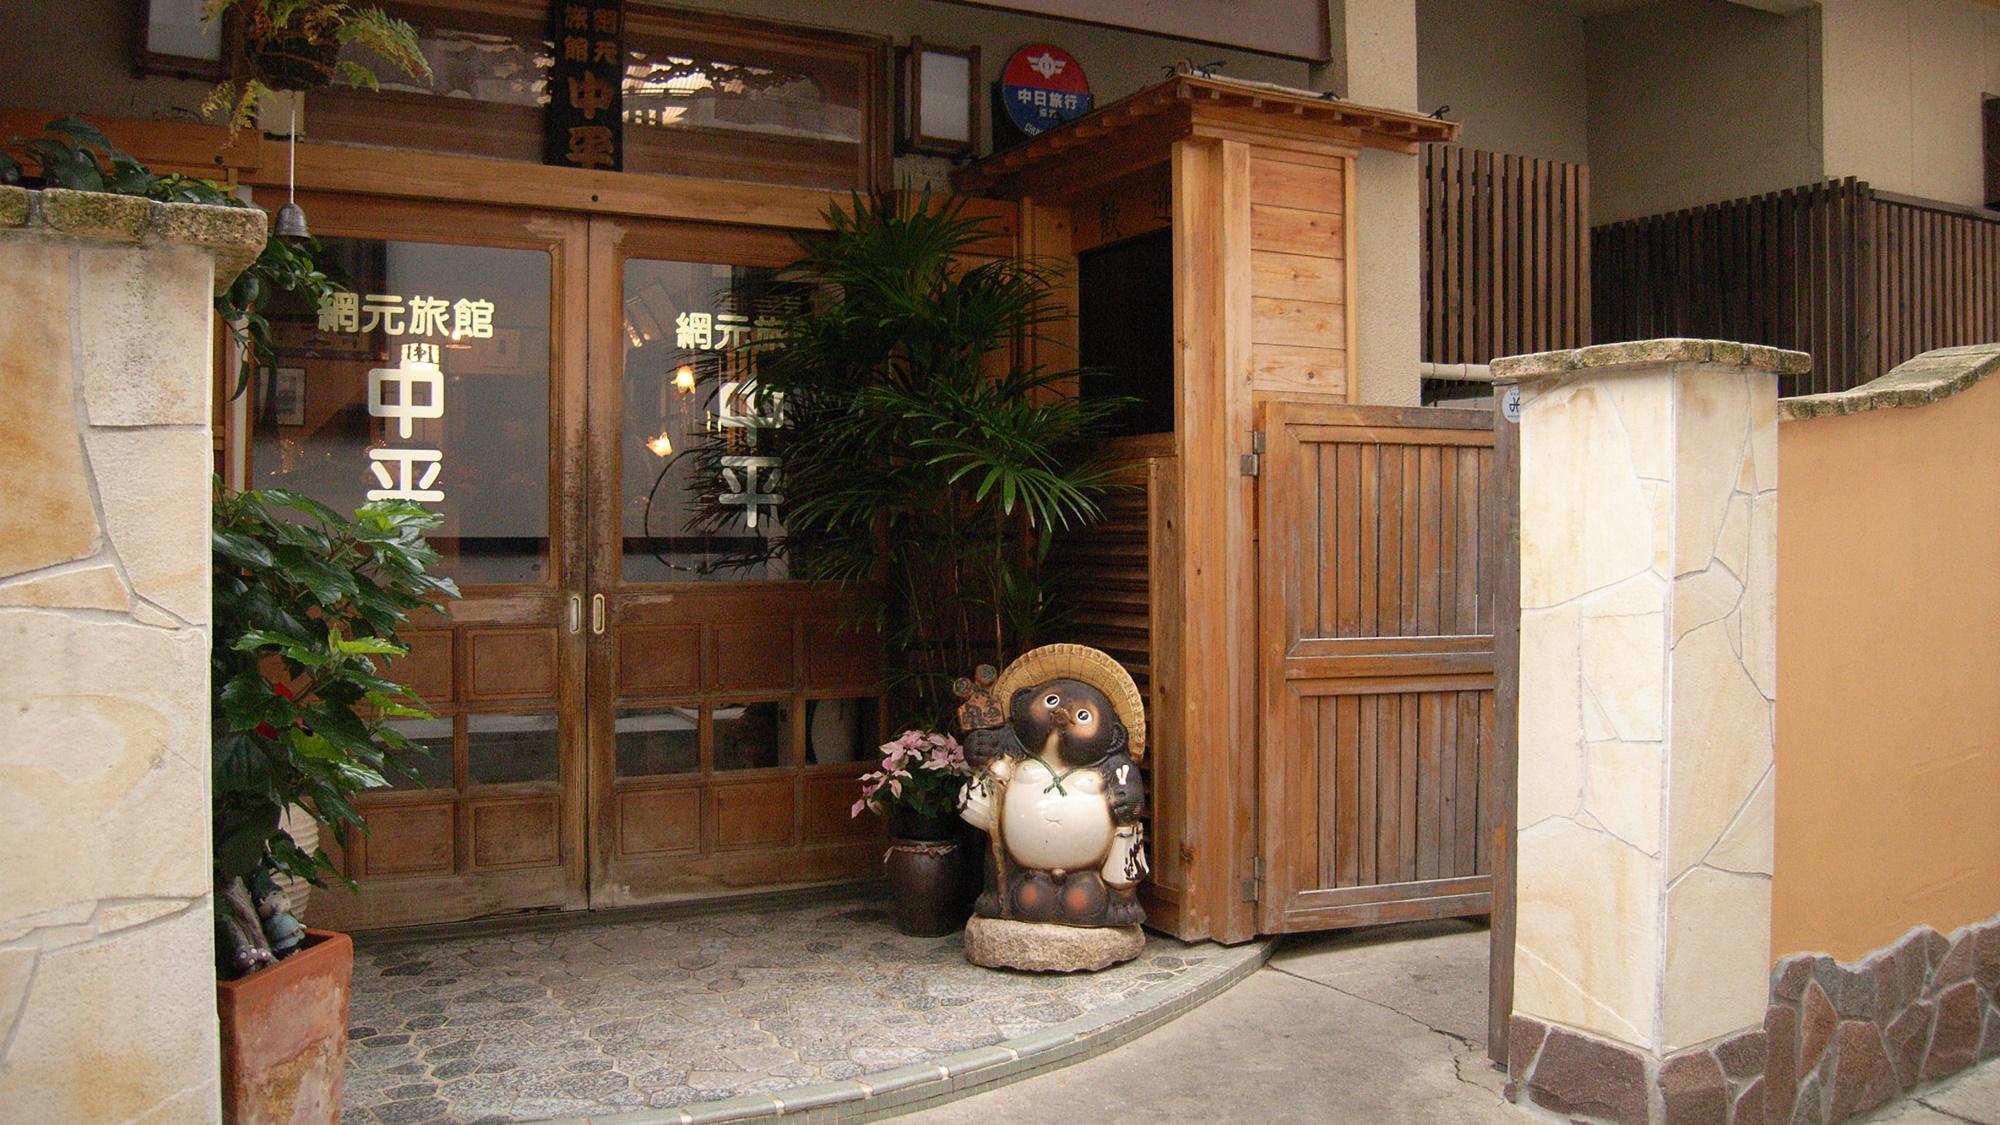 日間賀島 網元旅館 中平 image